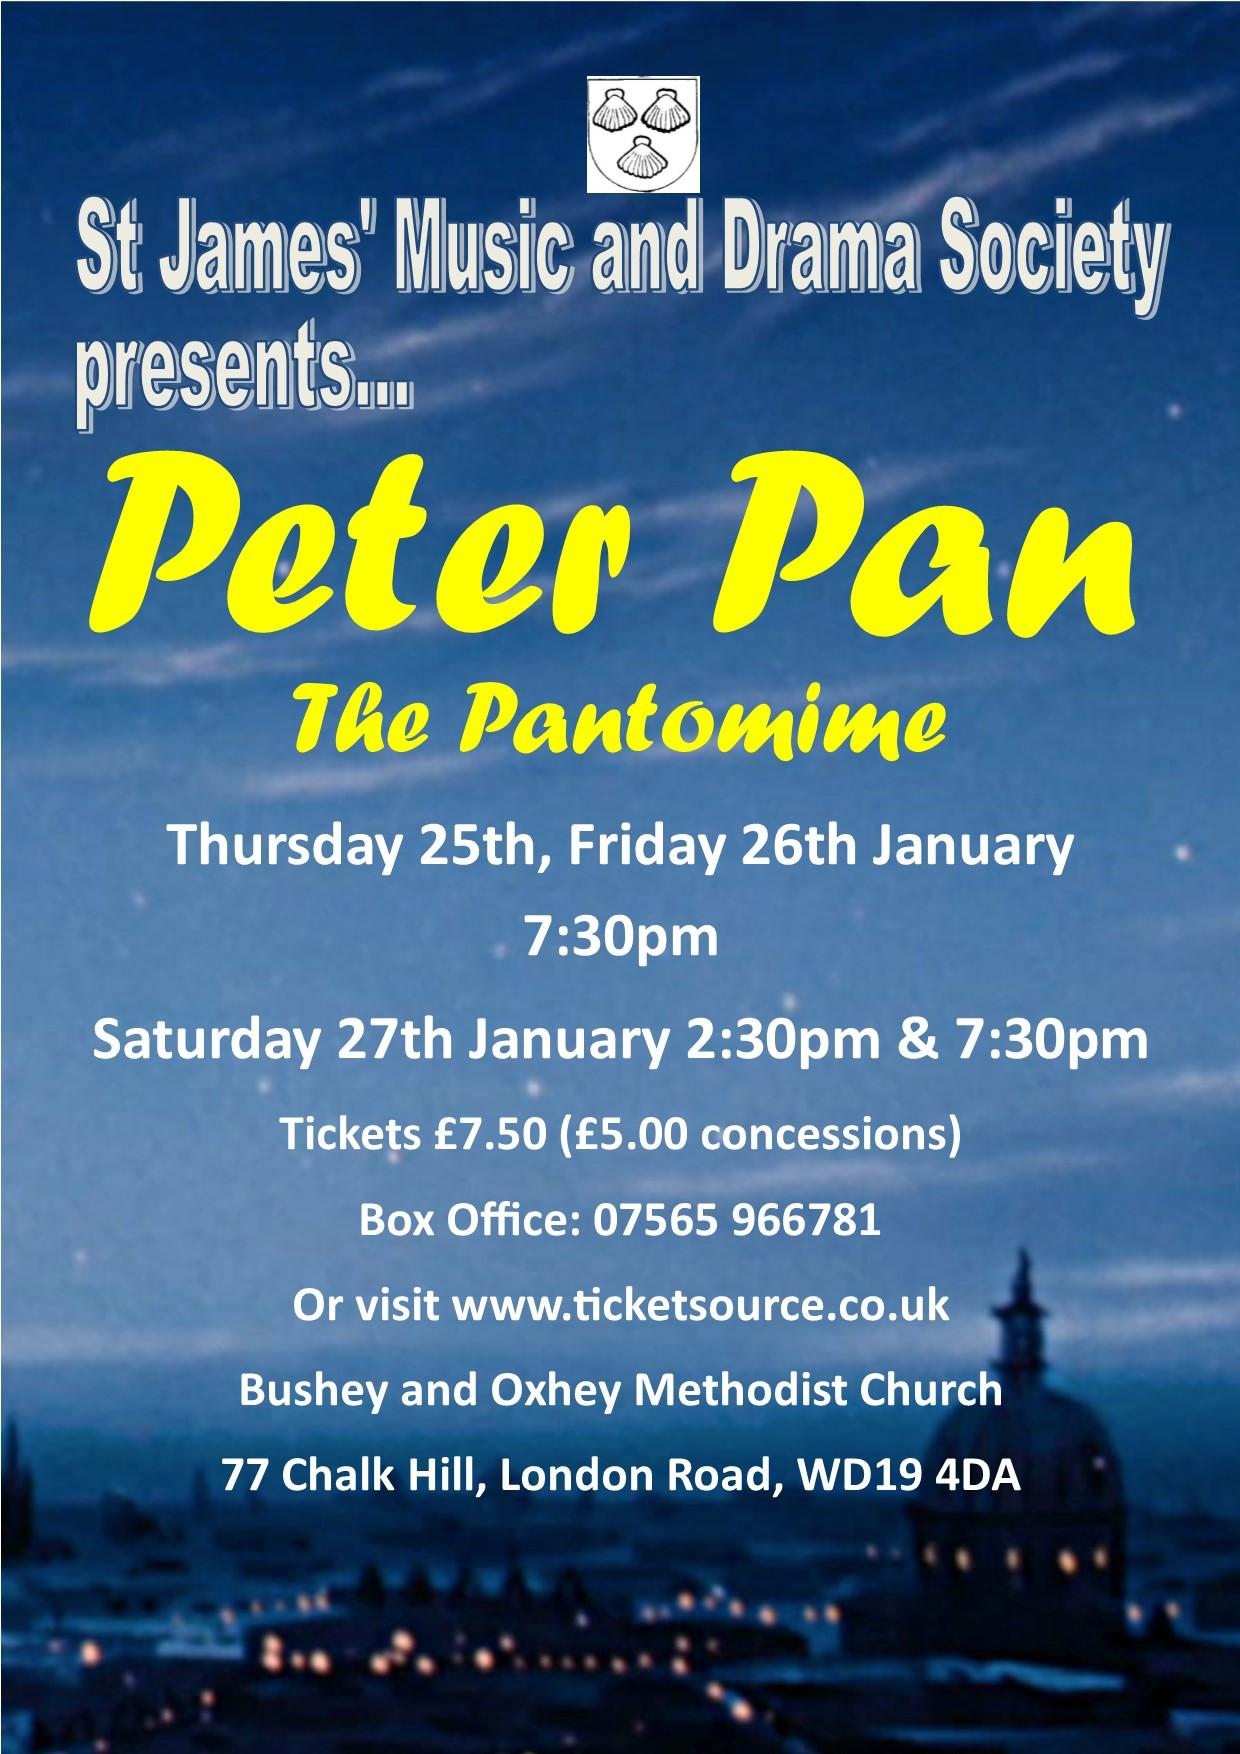 Peter Pan the Pantomime!